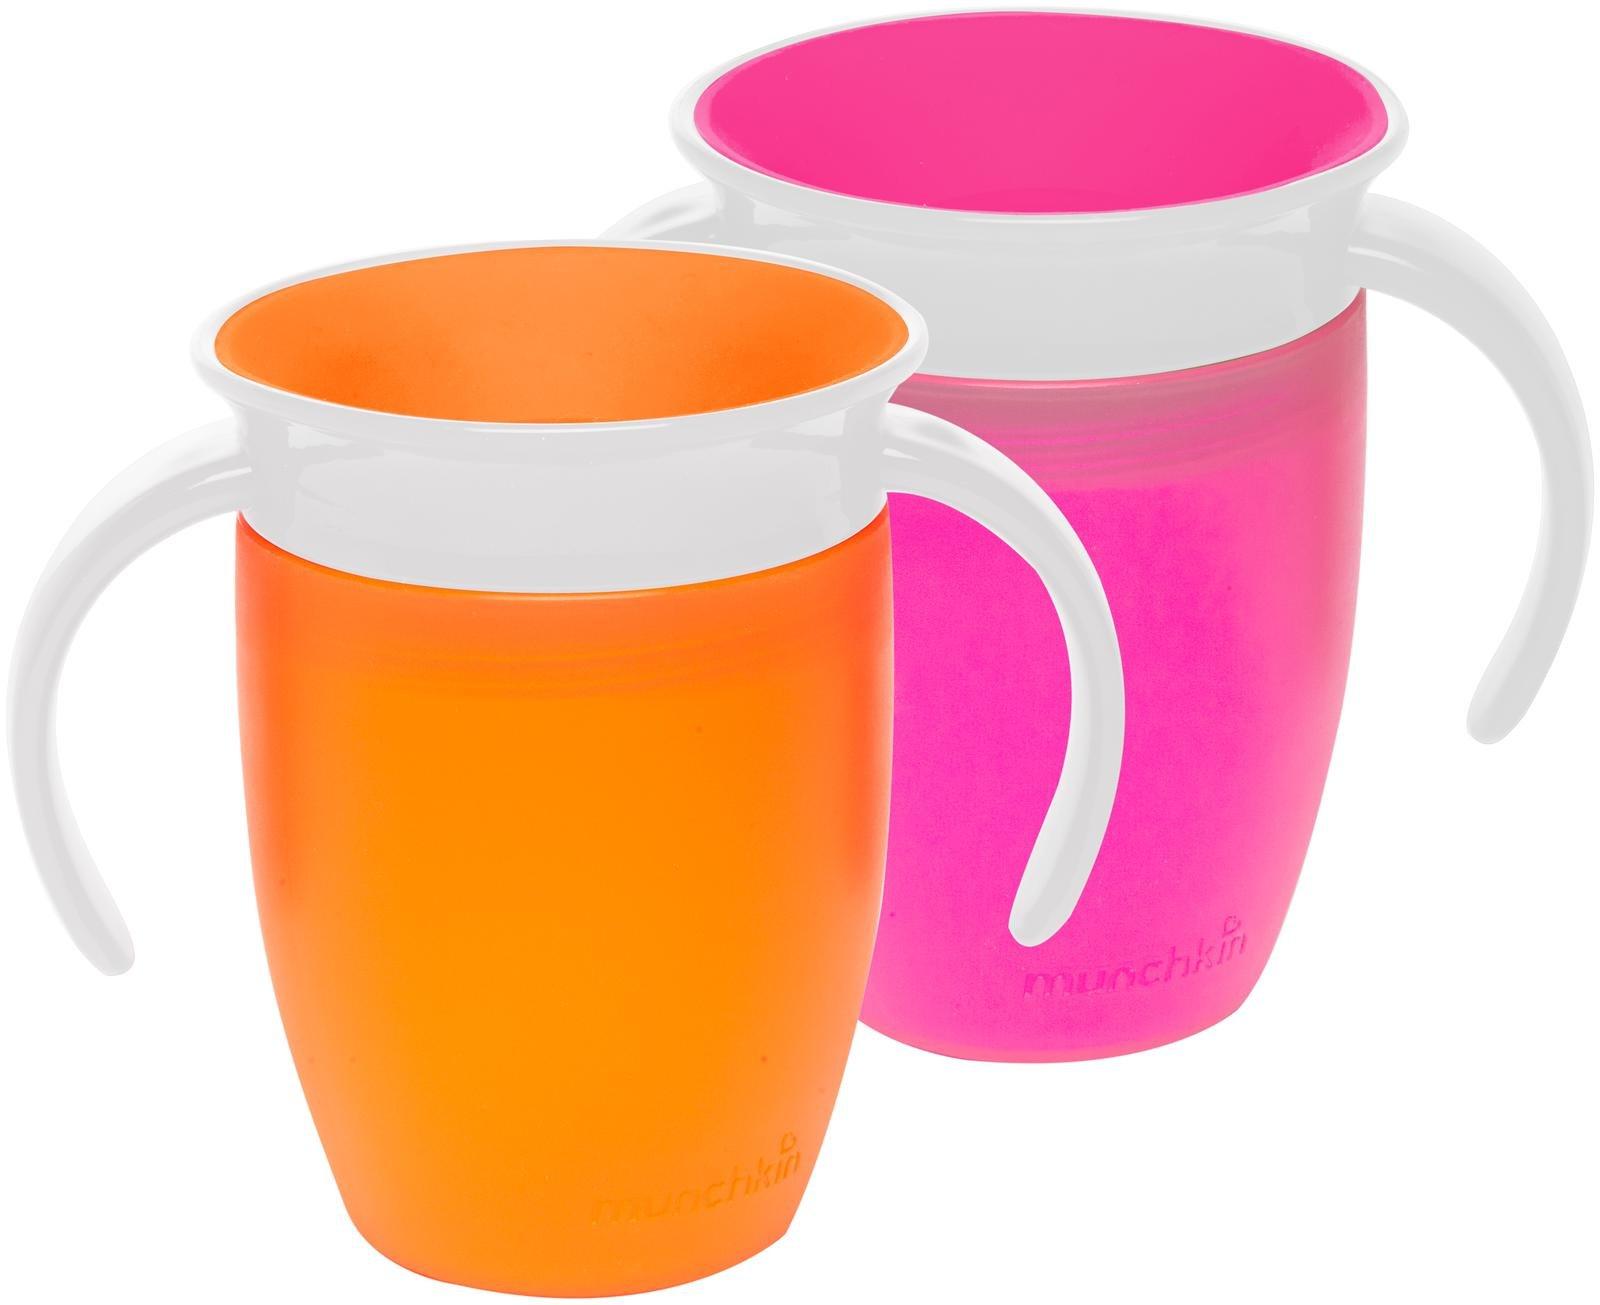 Munchkin Miracle 360 Degree 7oz Trainer Cup - 2pk, Pink/Orange